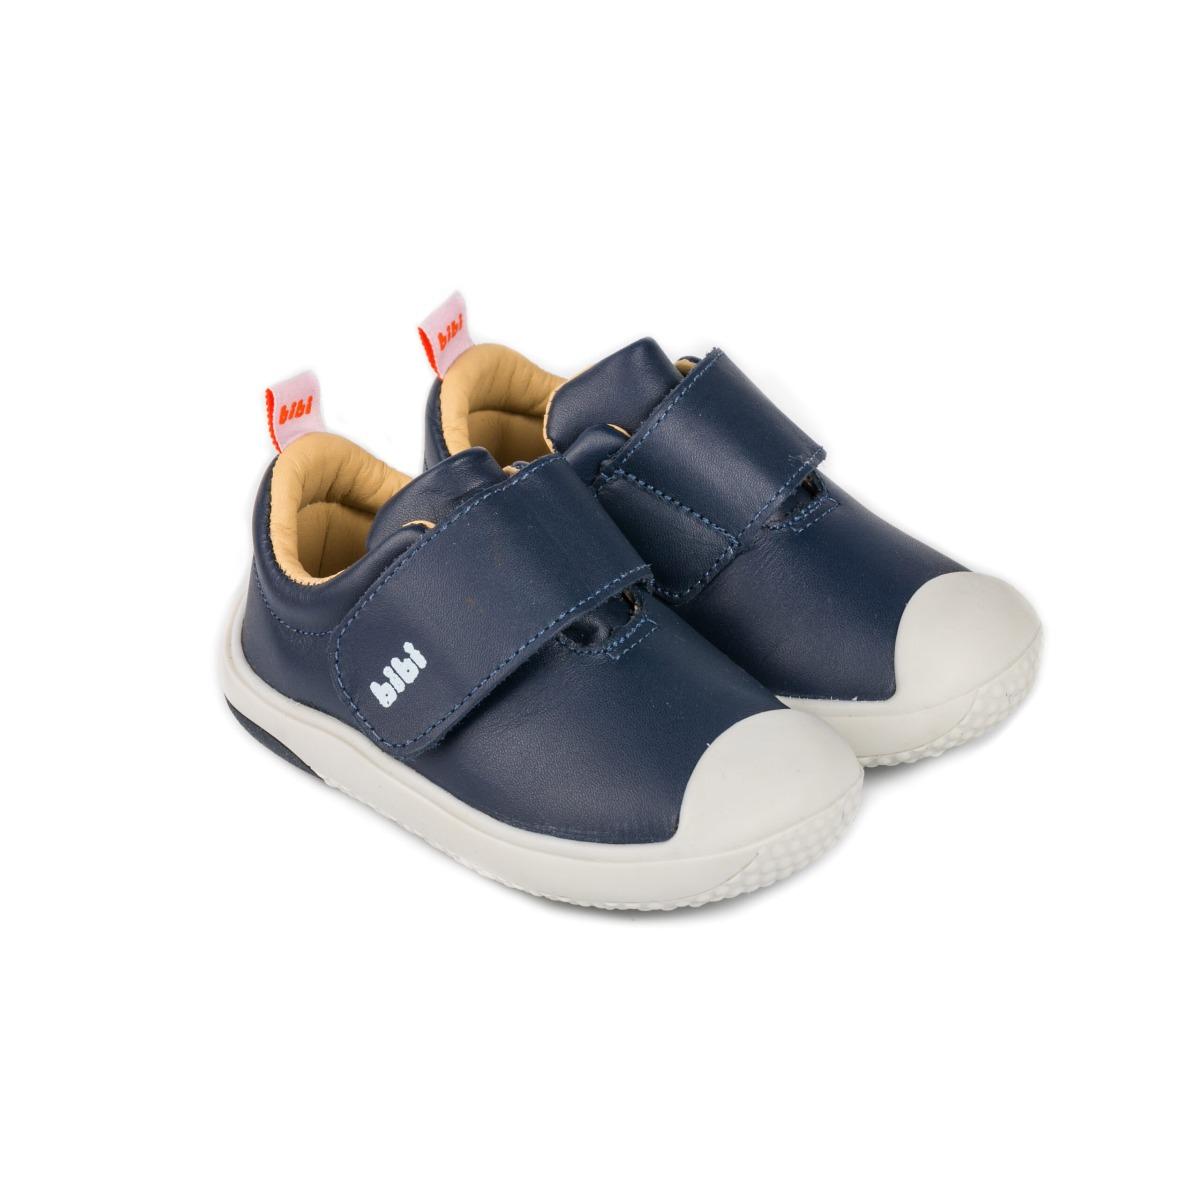 Pantofi Bibi Prewalker Naval